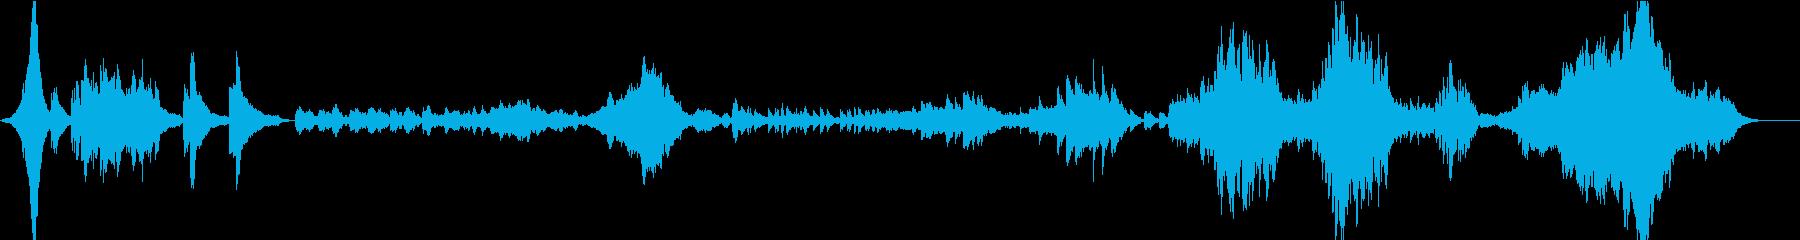 グリーグ/ピアノ協奏曲イ短調 の再生済みの波形